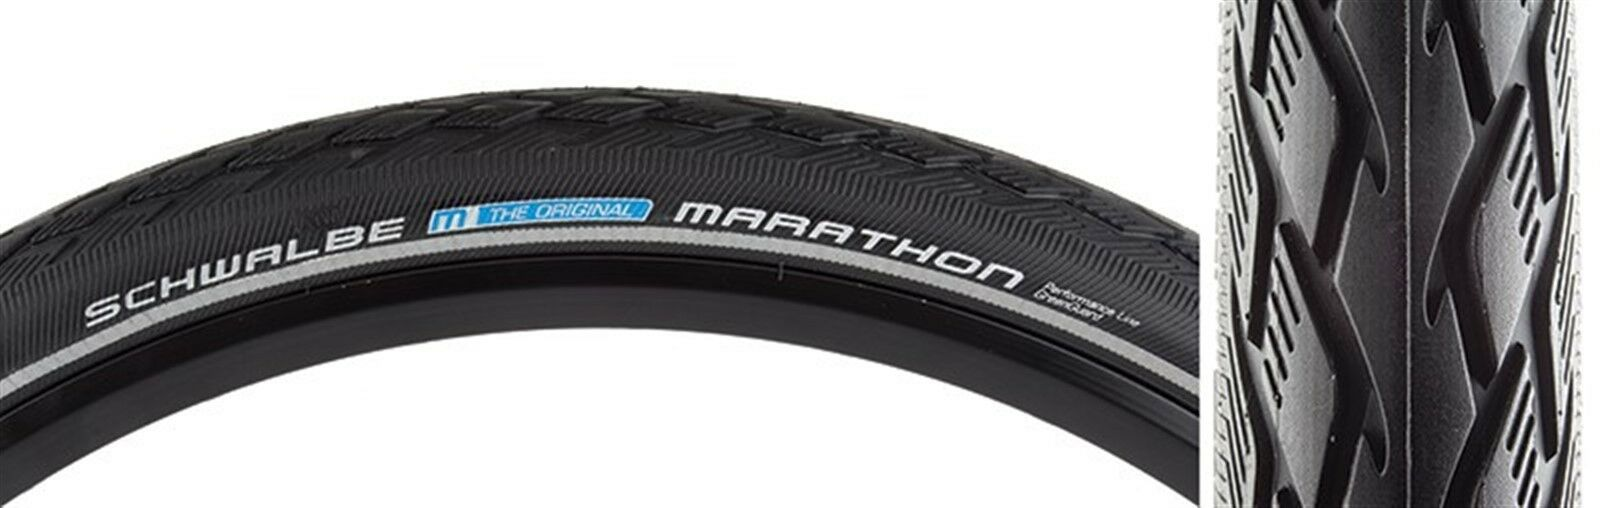 Schwalbe Marathon Tires  - Urban - 20X1.75 - 406 - Wire - Belted - Bk Ref - 50-7